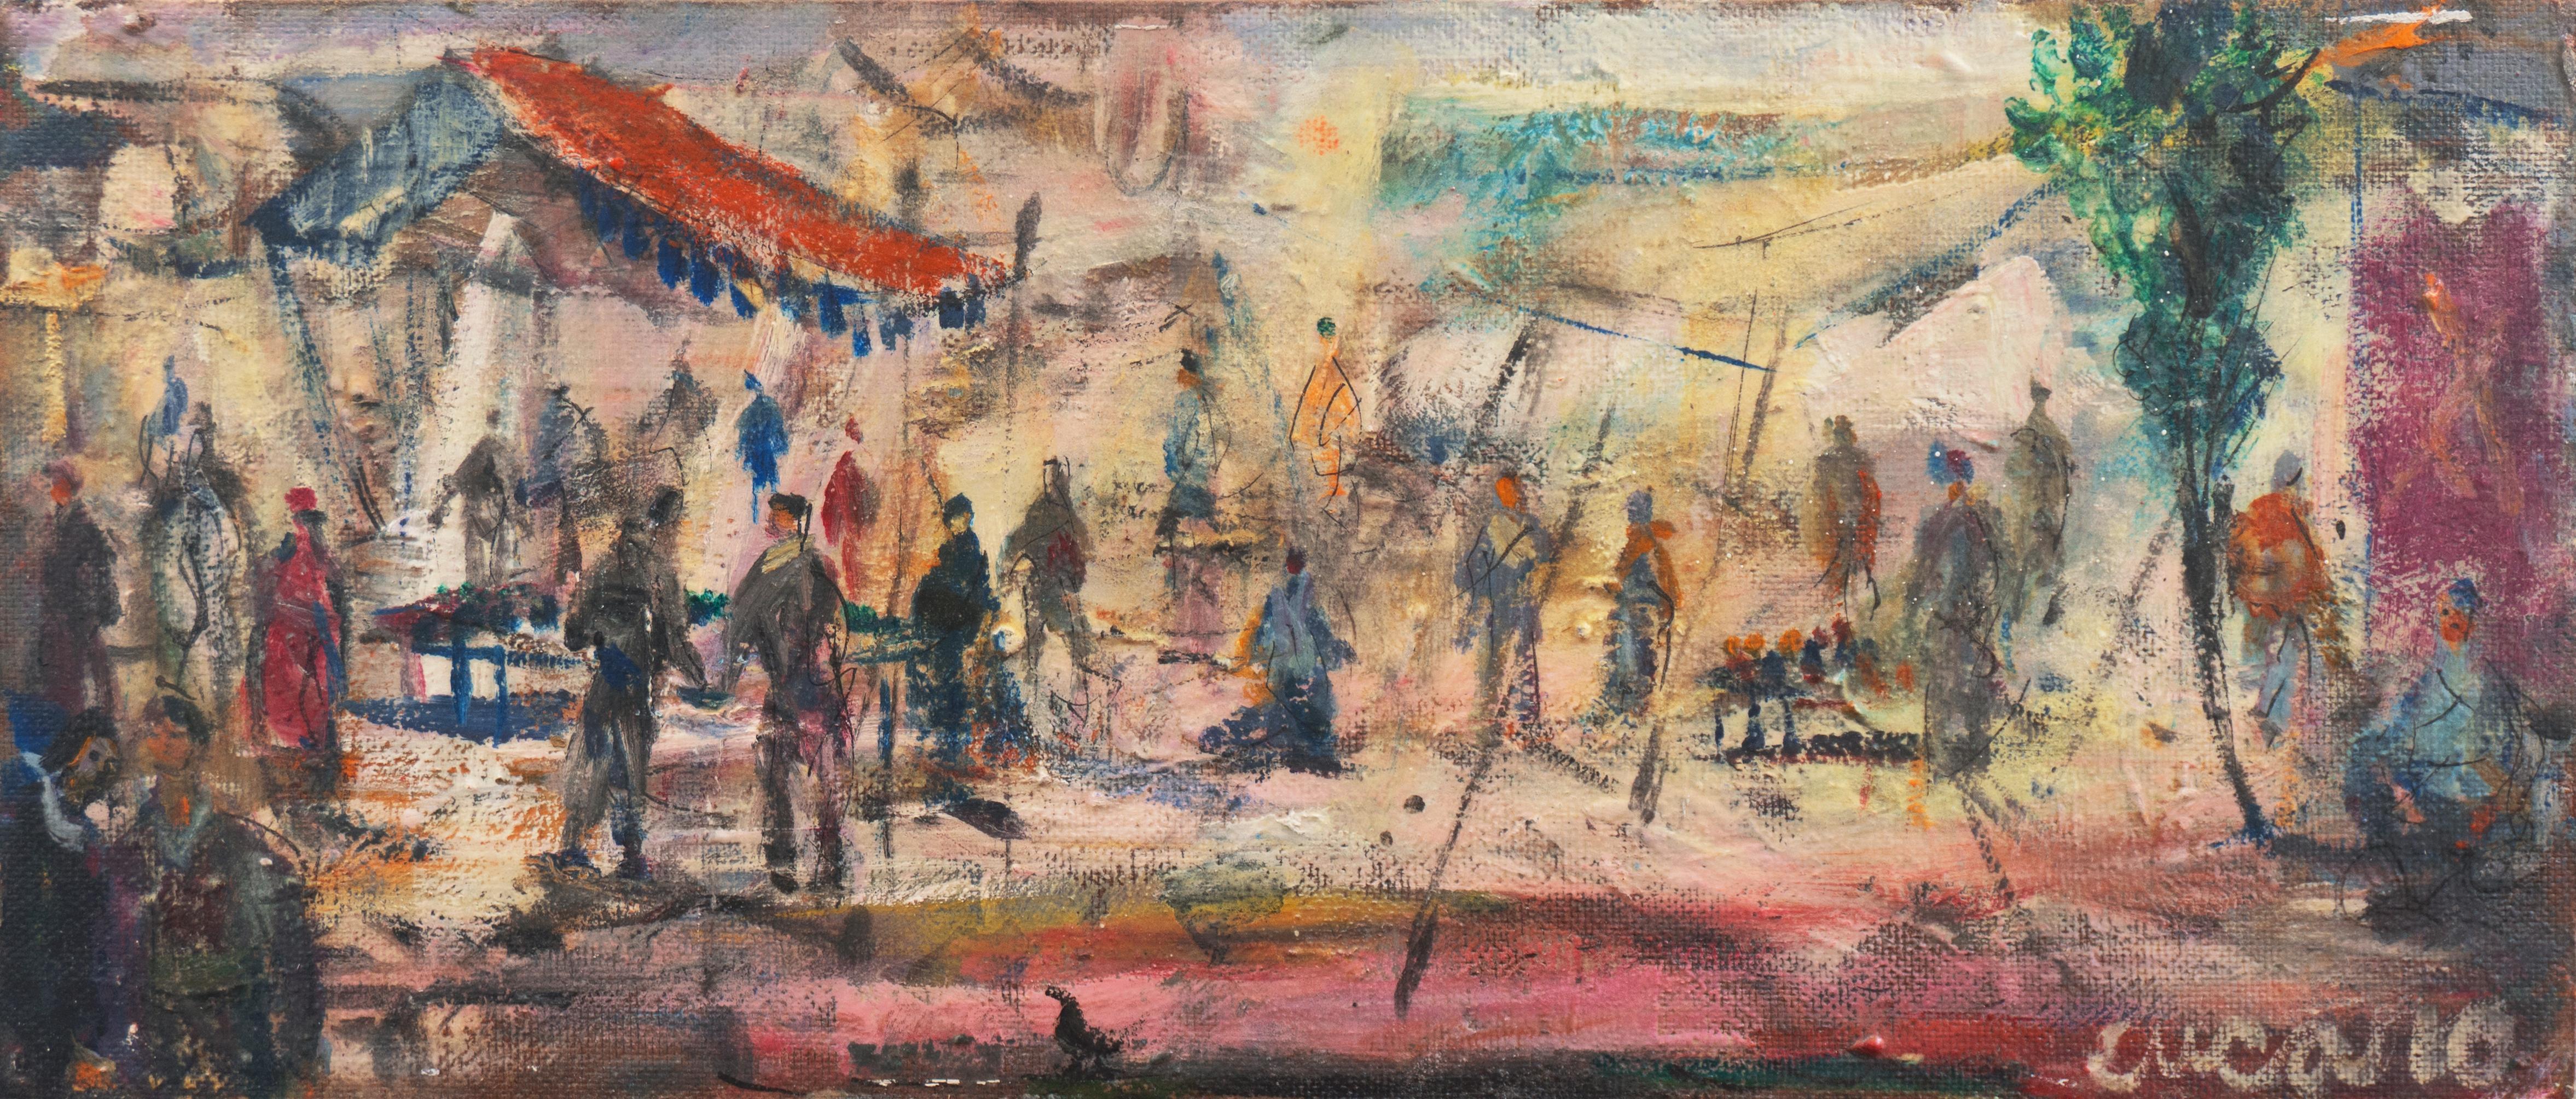 'Market Scene', Sausalito, North Beach, San Francisco Bay Area Expressionist Oil